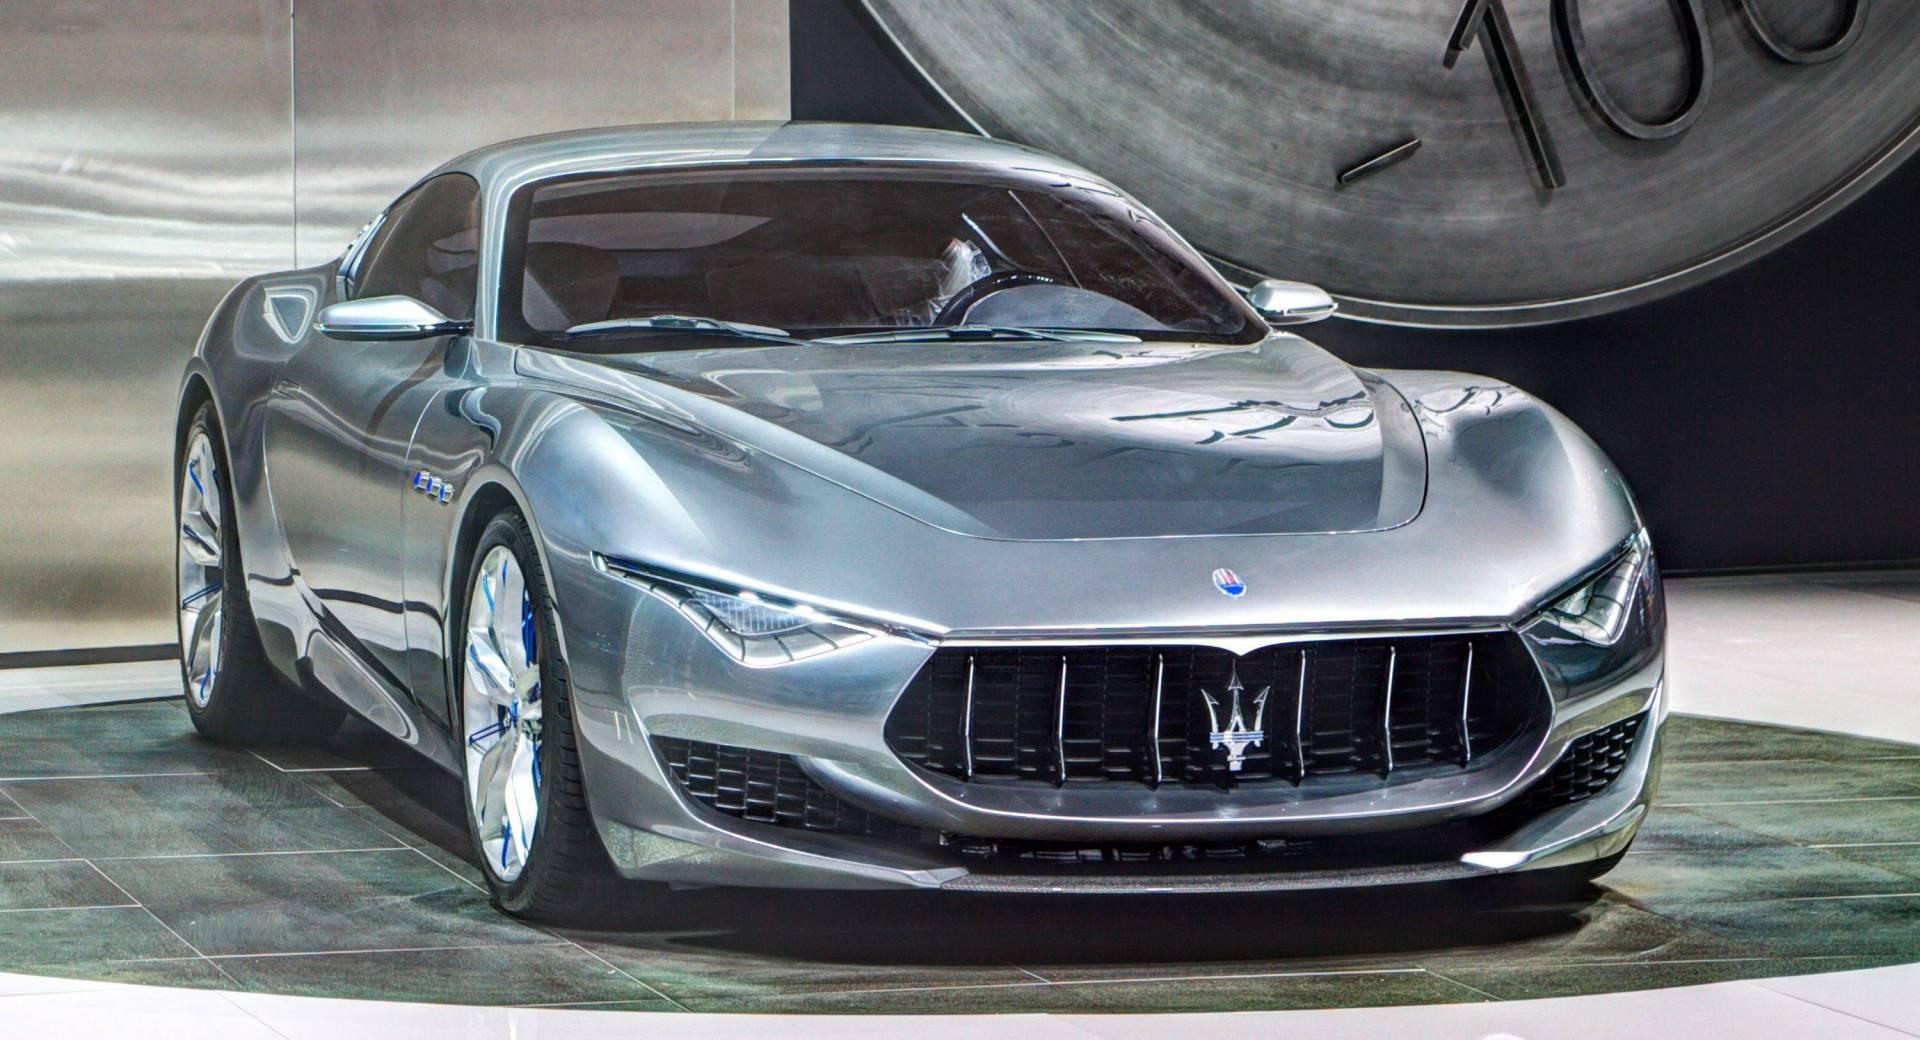 Svi Maseratijevi automobili će u narednih pet godina biti električni ili hibridi